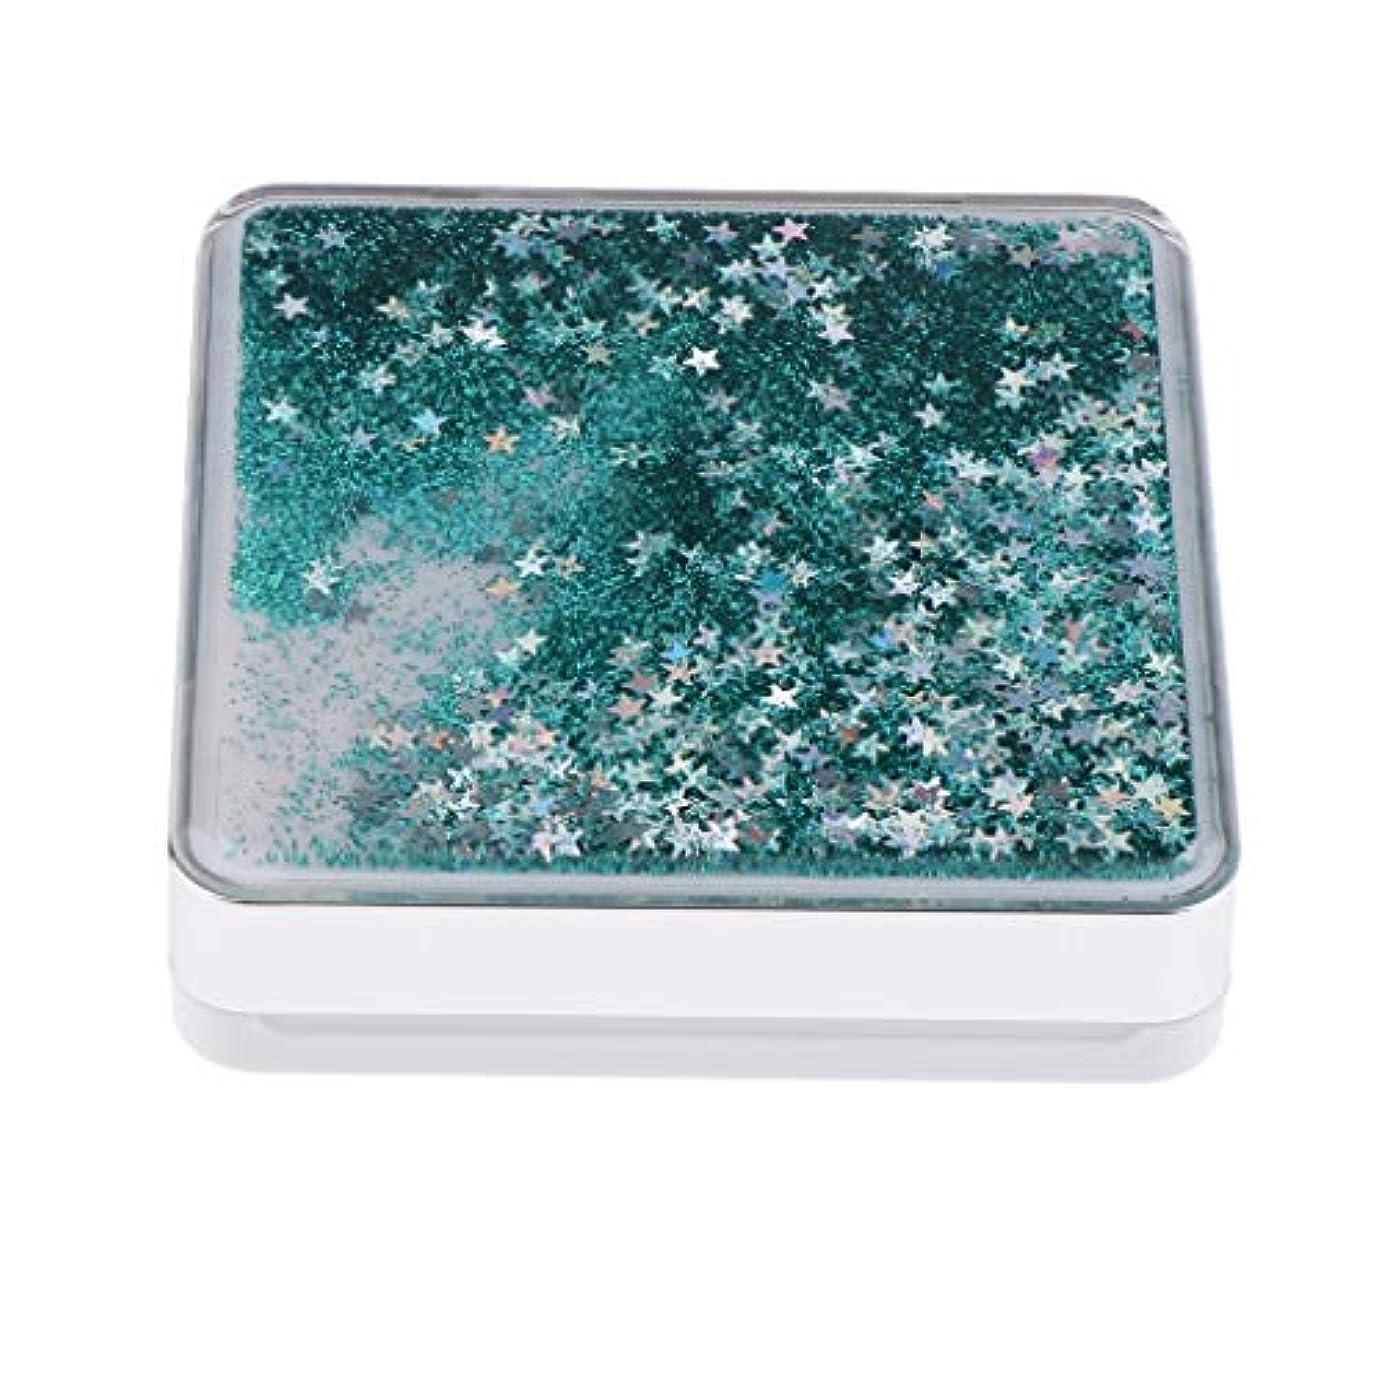 本土消すバインドB Baosity エアクッションケース パフ 化粧鏡 ミラー付き コンパクト 旅行小物 化粧品ケース 3色選べ - 緑